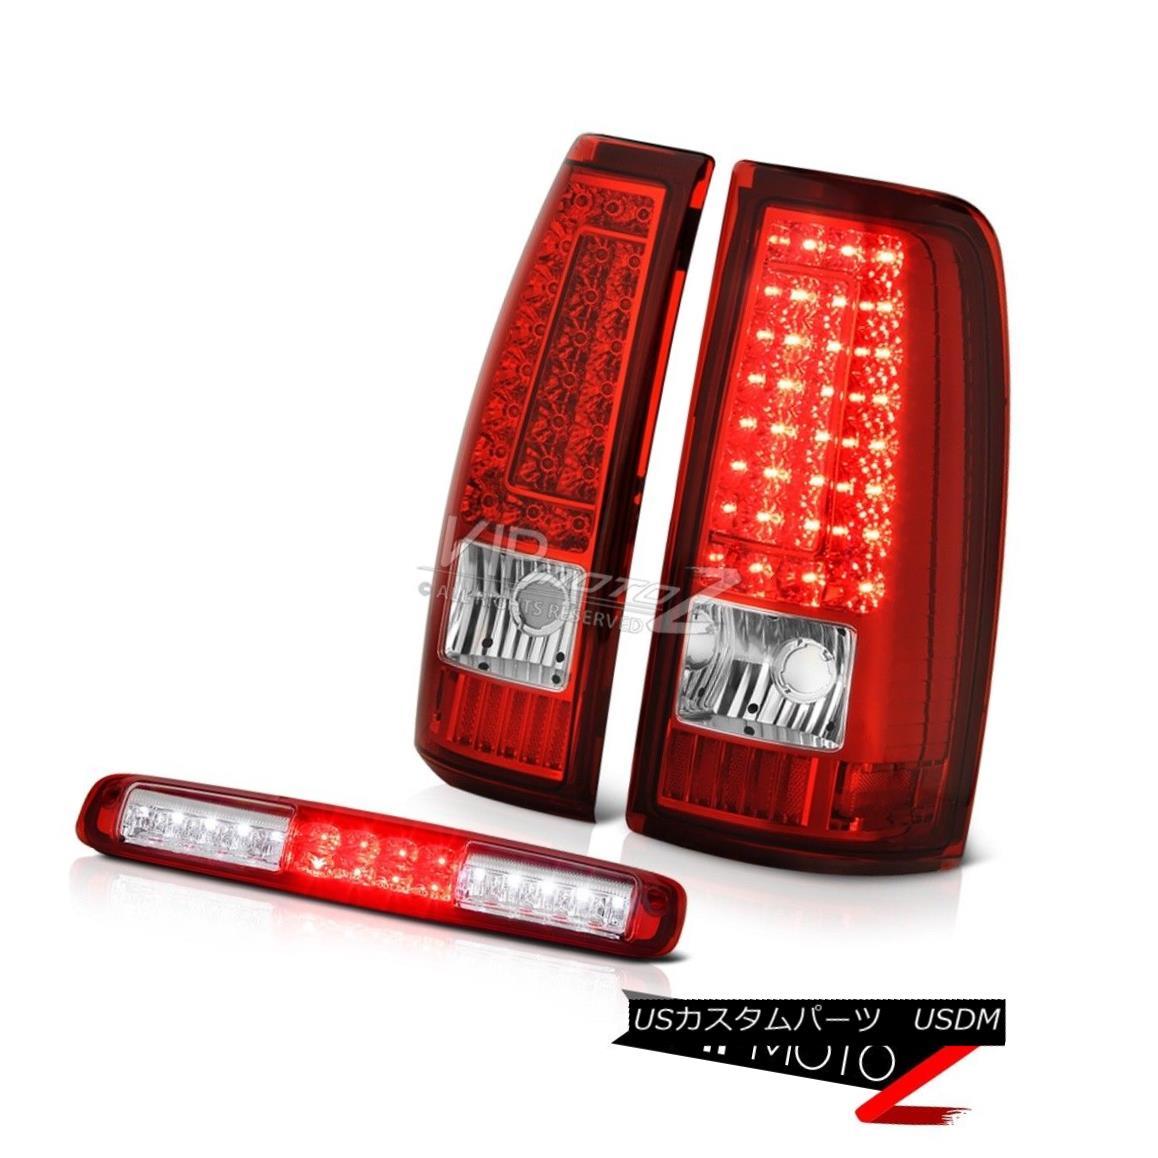 テールライト 03-06 Chevy Silverado Rosso Red 3RD Brake Lamp Taillamps LED SMD